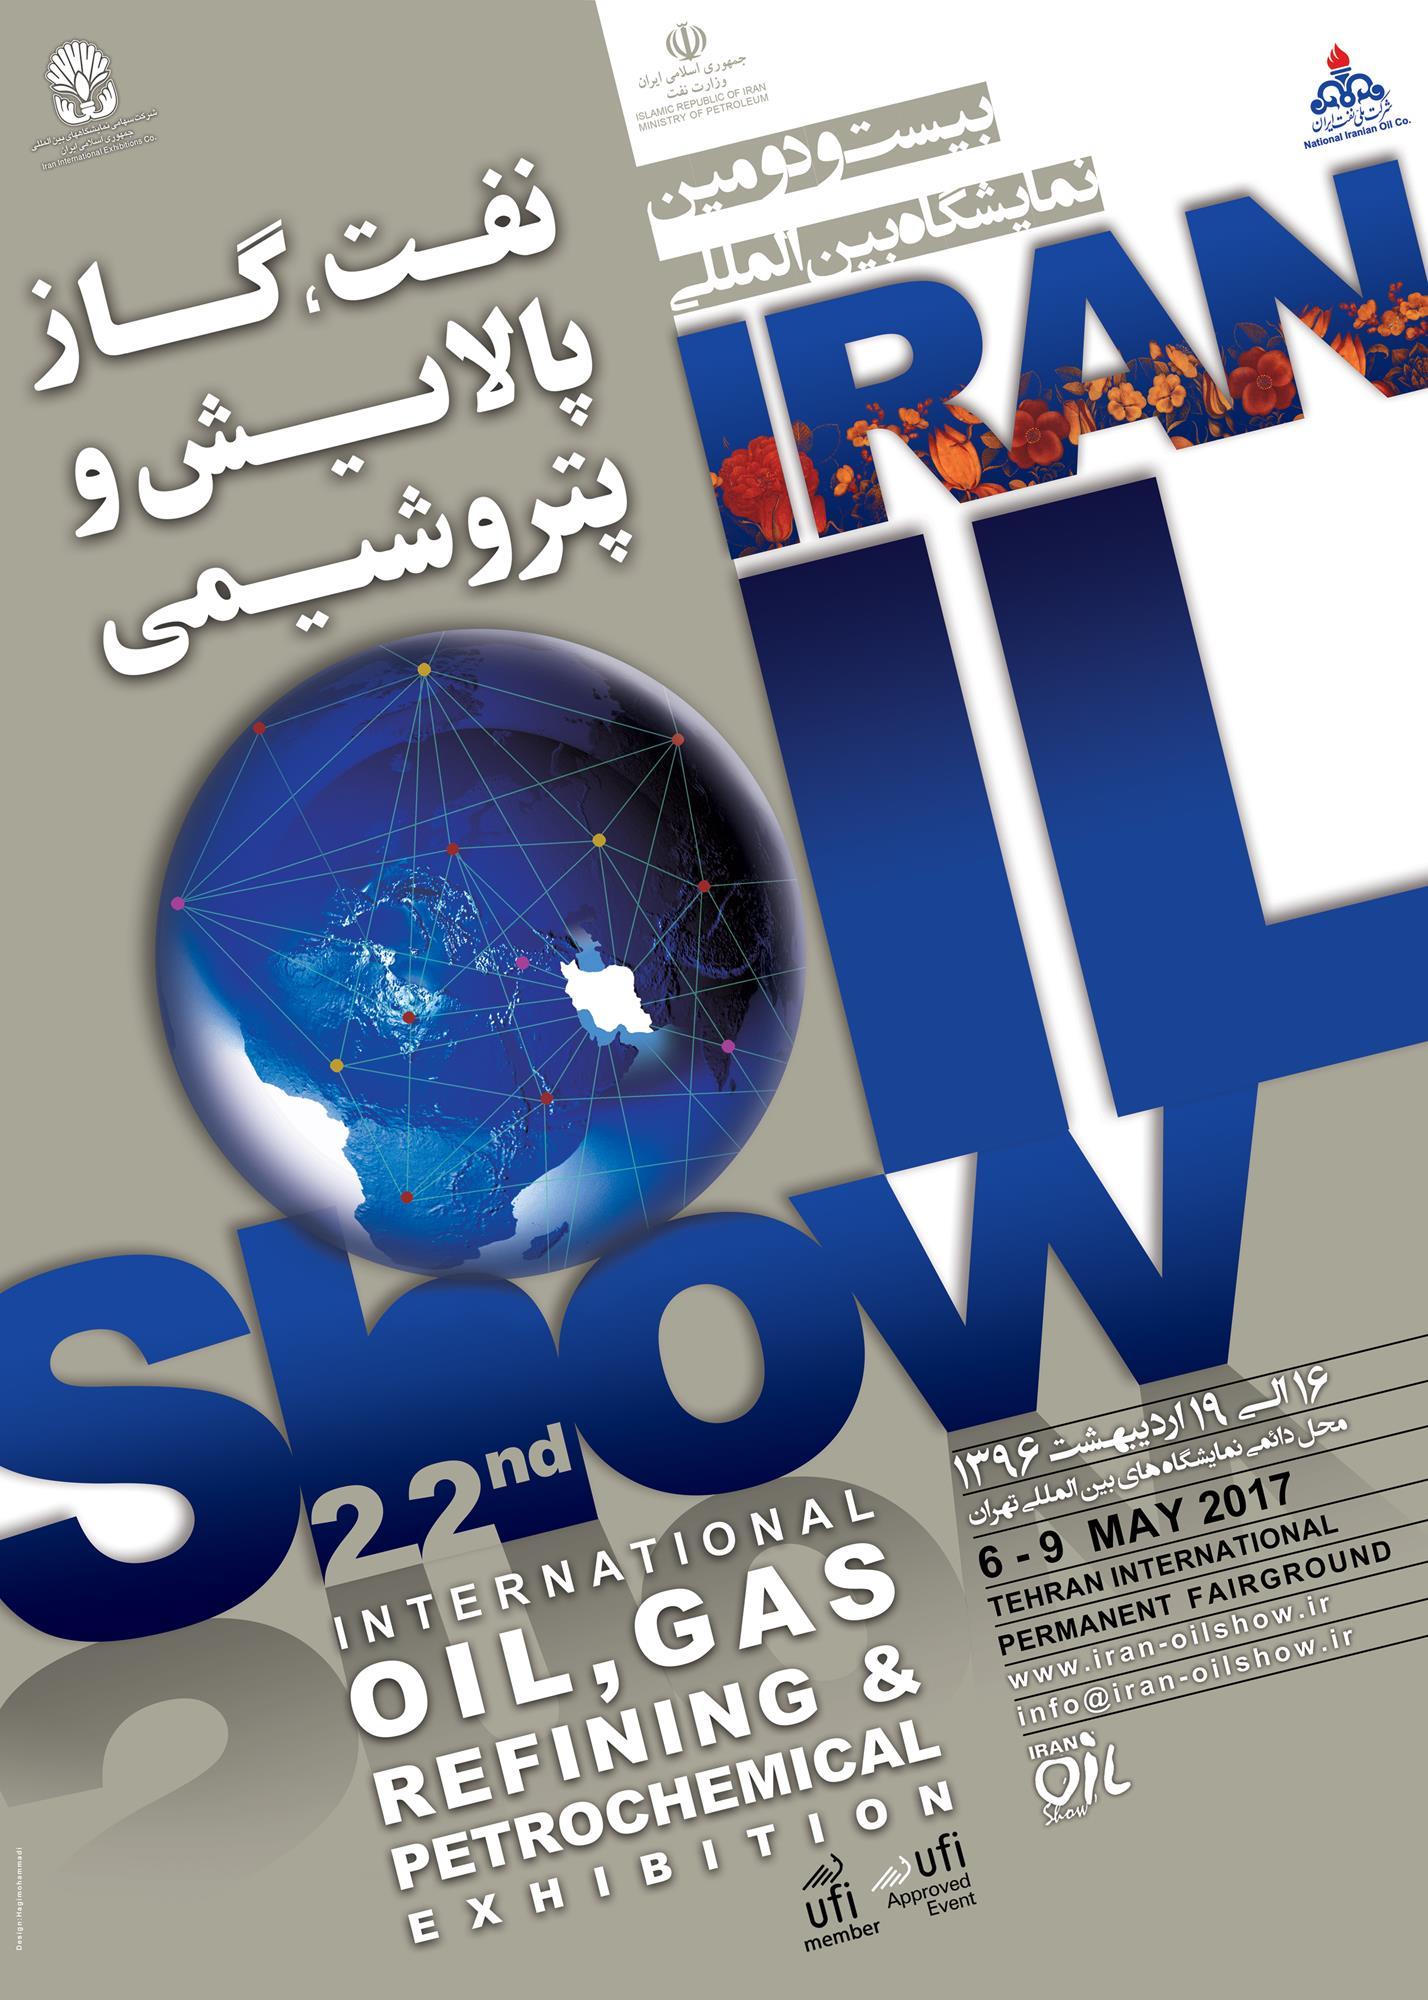 بیست و دومین نمایشگاه نفت ، گاز ، پالایش و پتروشیمی تهران